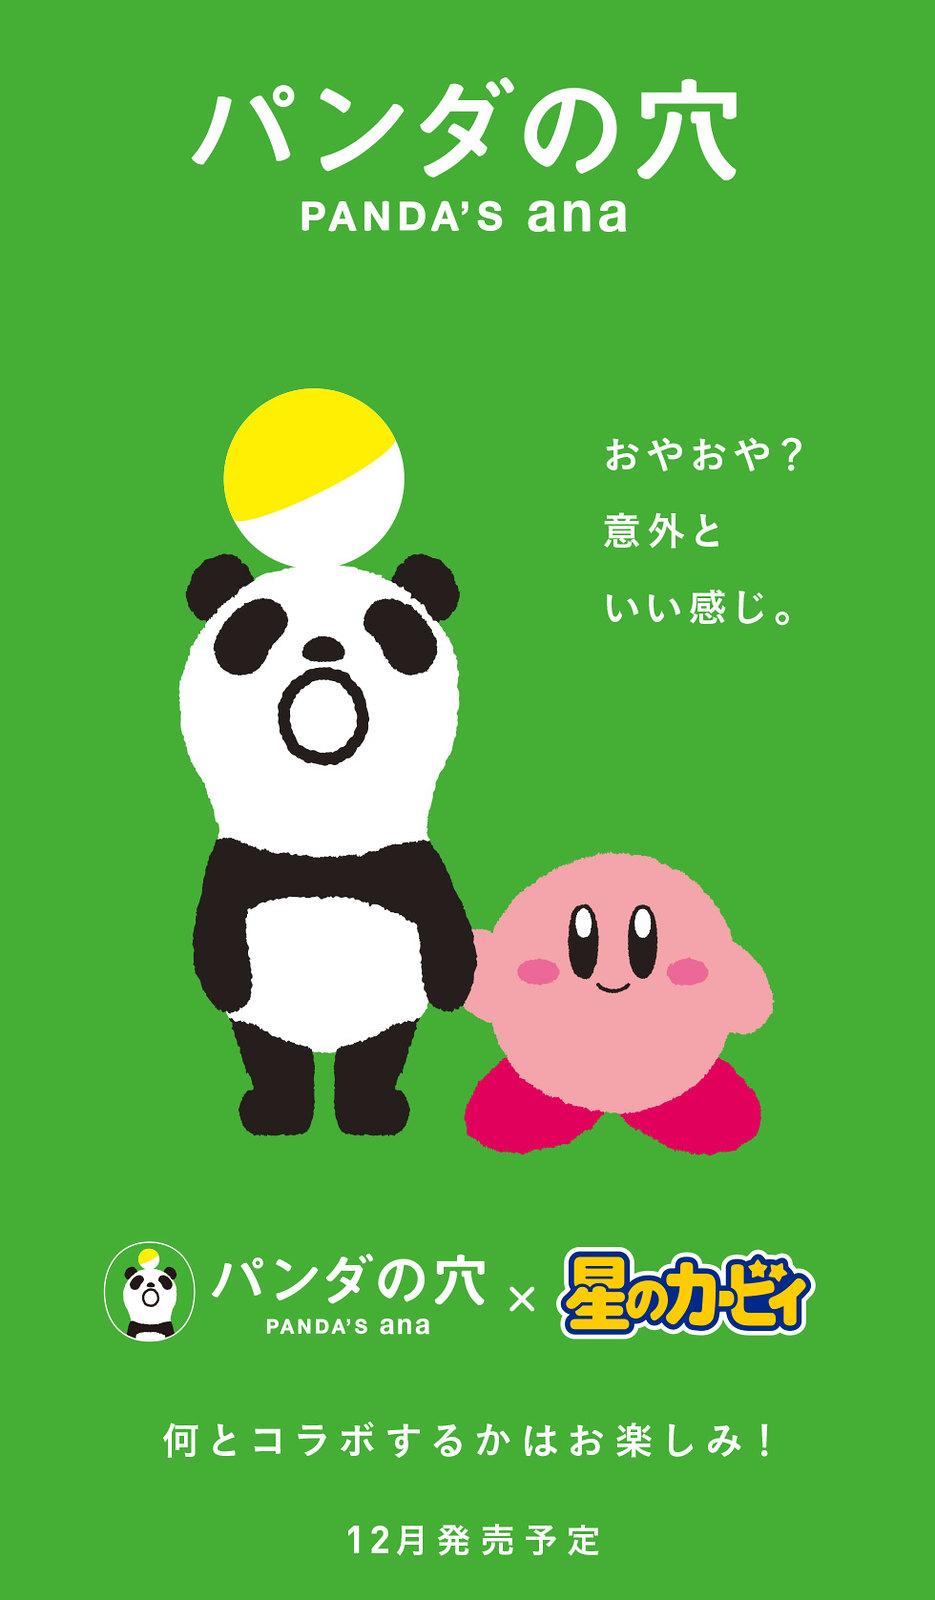 夢幻的聯名合作!熊貓之穴x《星之卡比》聯名轉蛋 「パンダの穴」x『星のカービィ』コラボガチャ